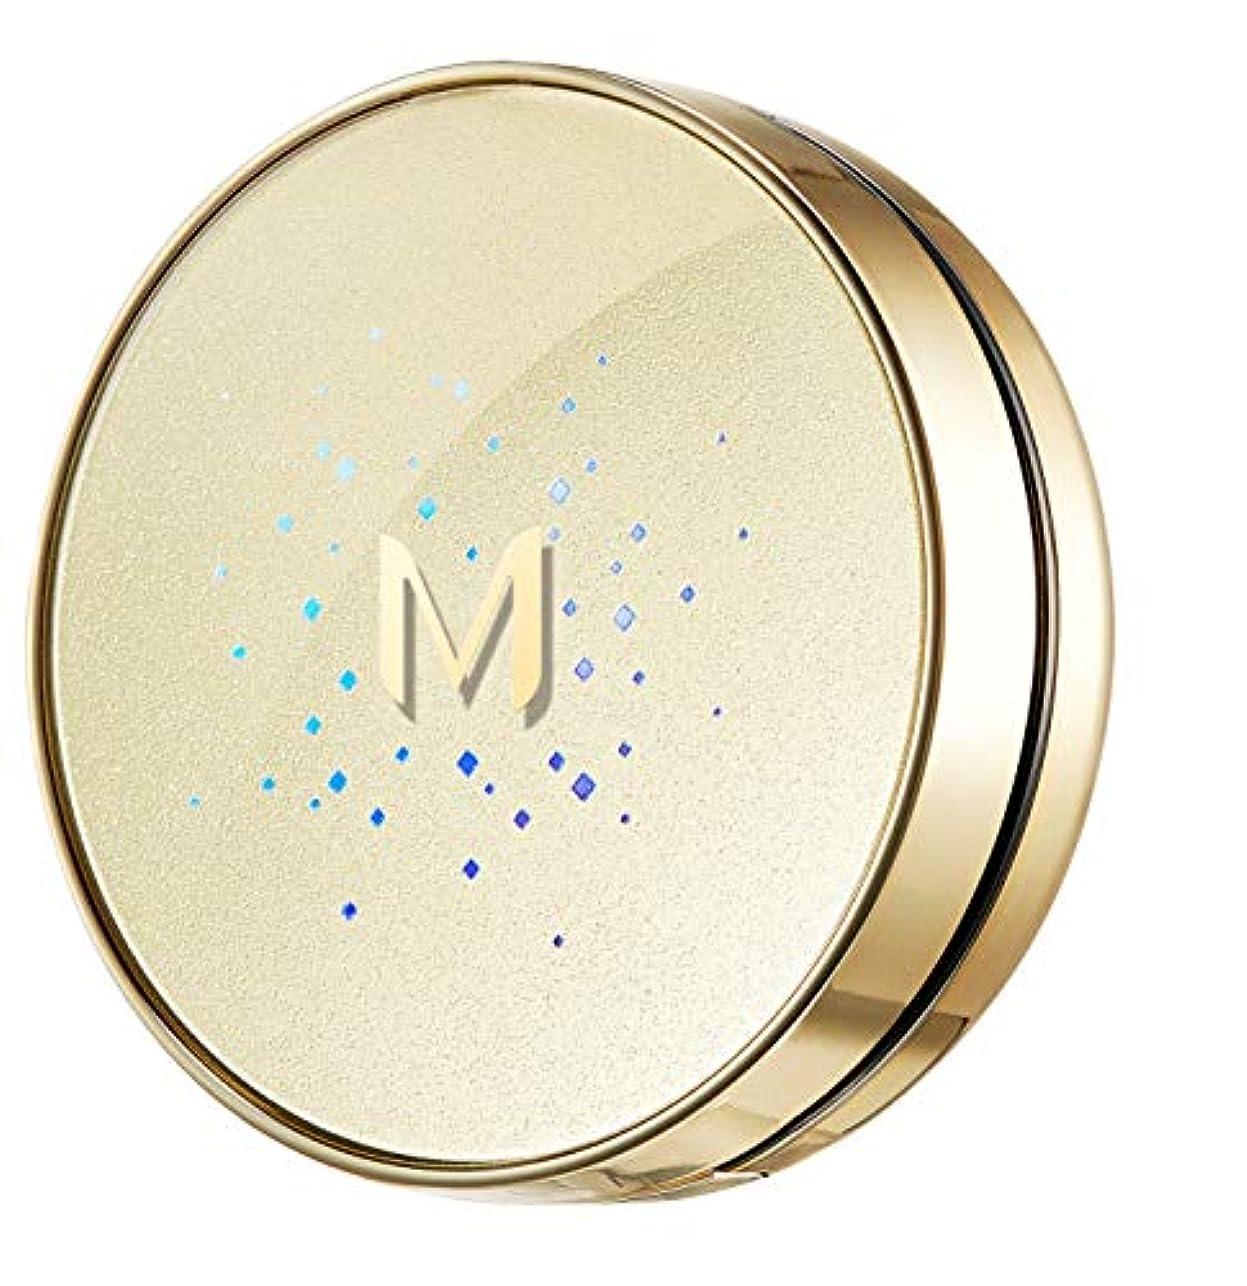 チャレンジ甥克服する【ミシャ.missha】Mゴールドクッション#21(14G)SPF50+/ PA+++ GOLD CUSHIONシワ改善。美白紫外線遮断の機能性化粧品